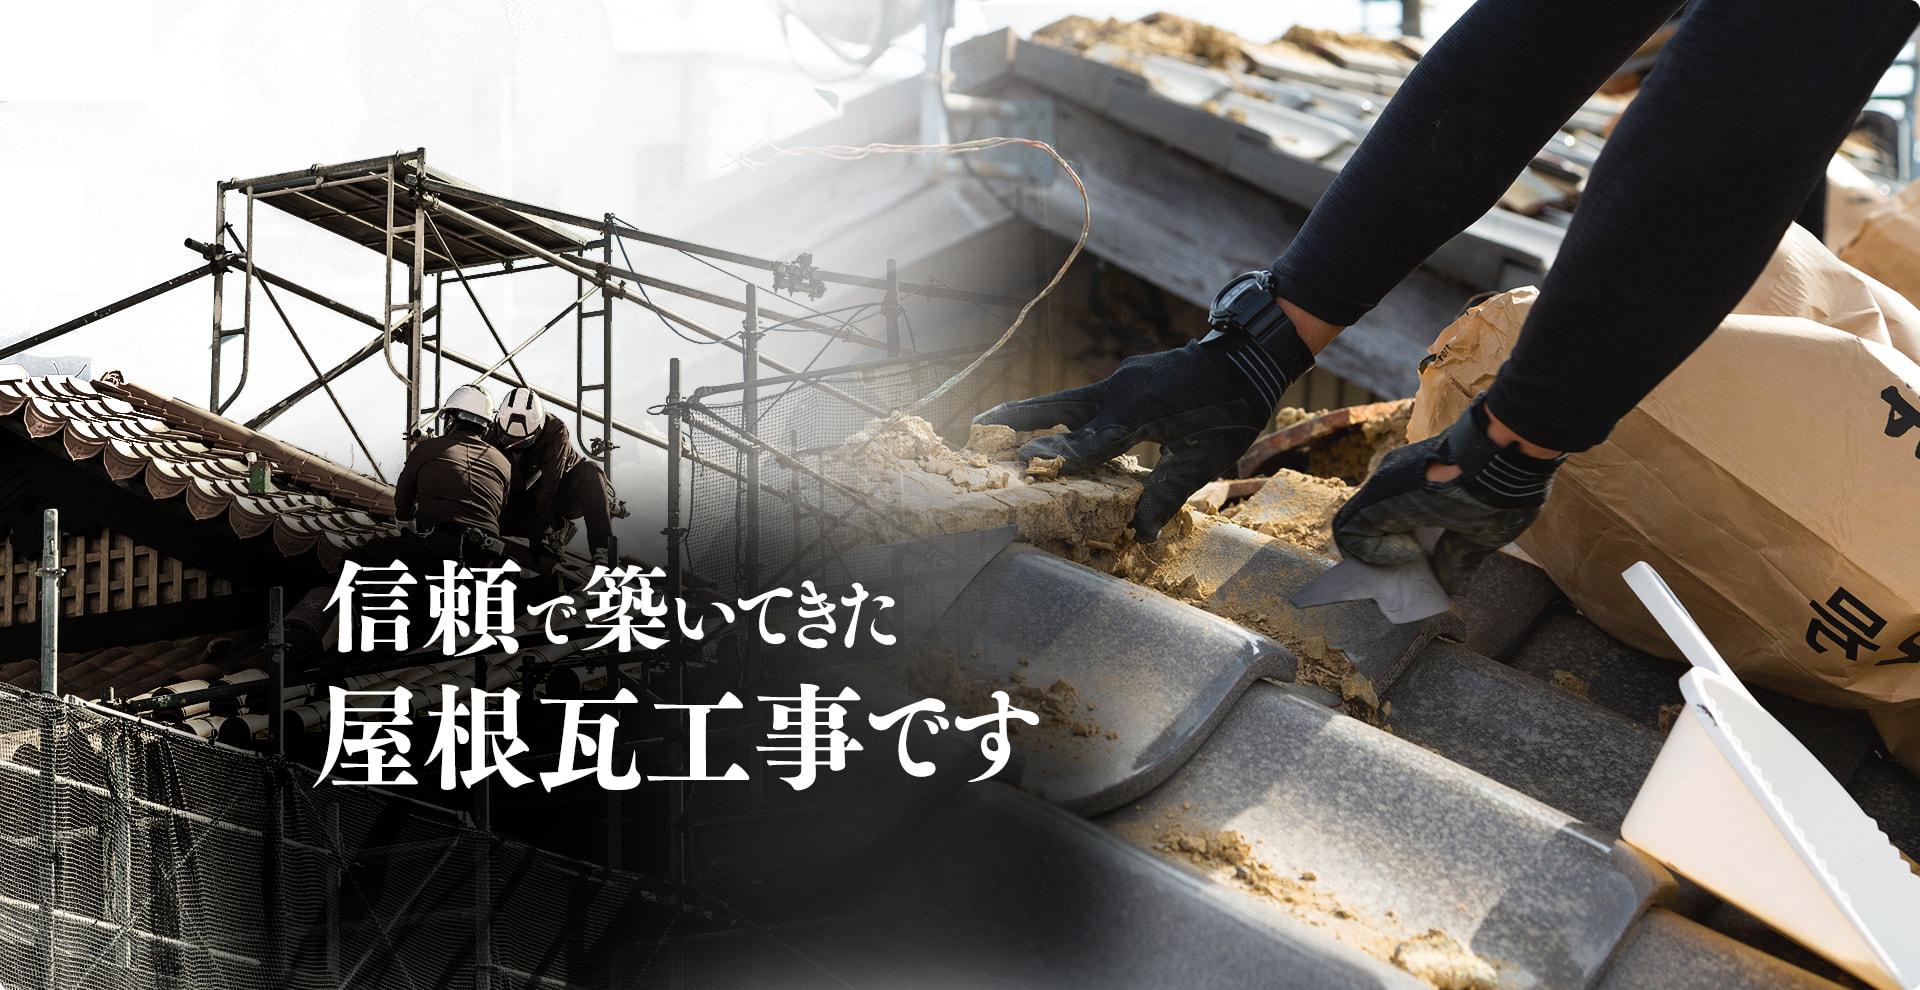 信頼で築いてきた 屋根瓦工事です